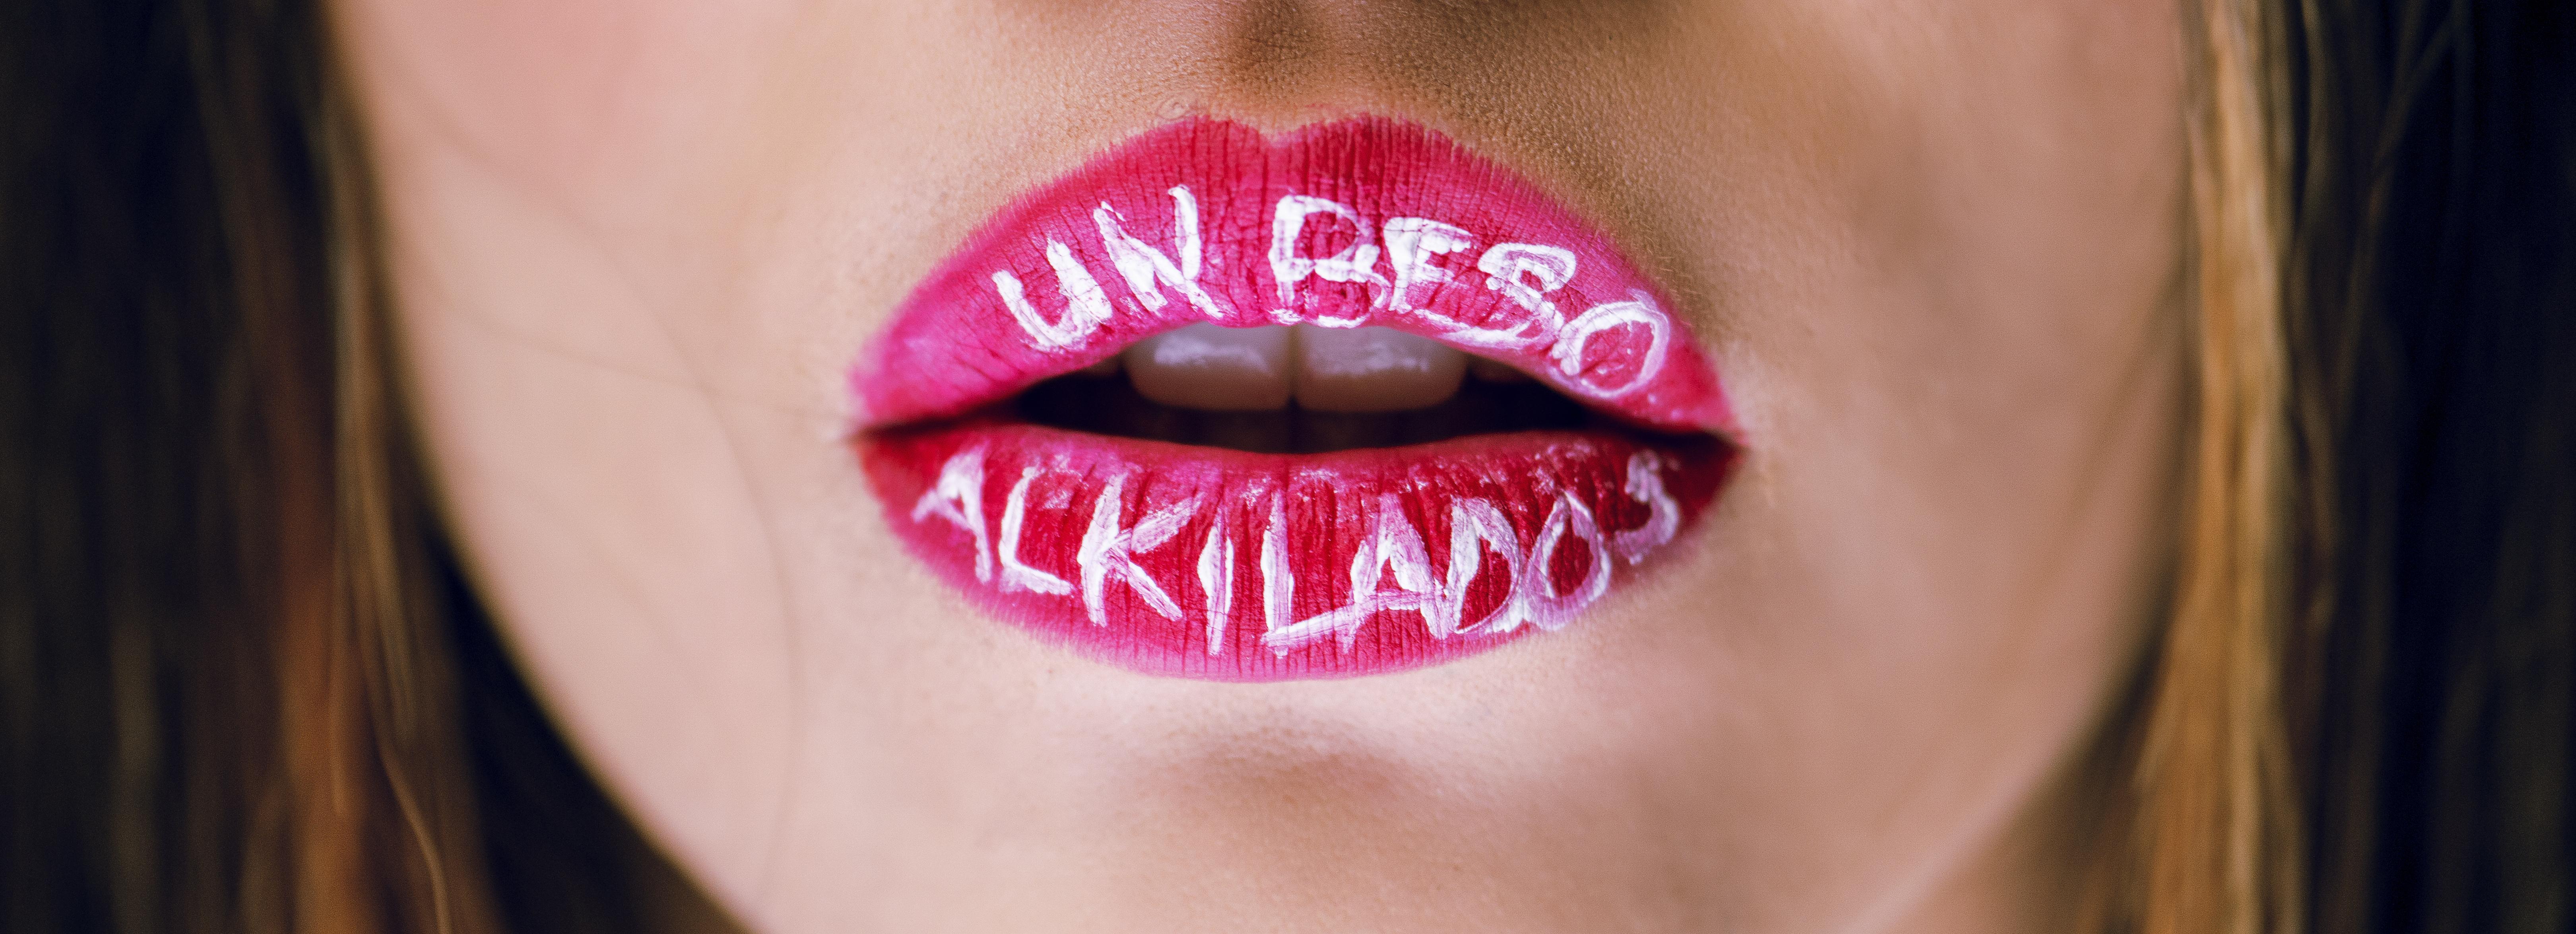 lips-d